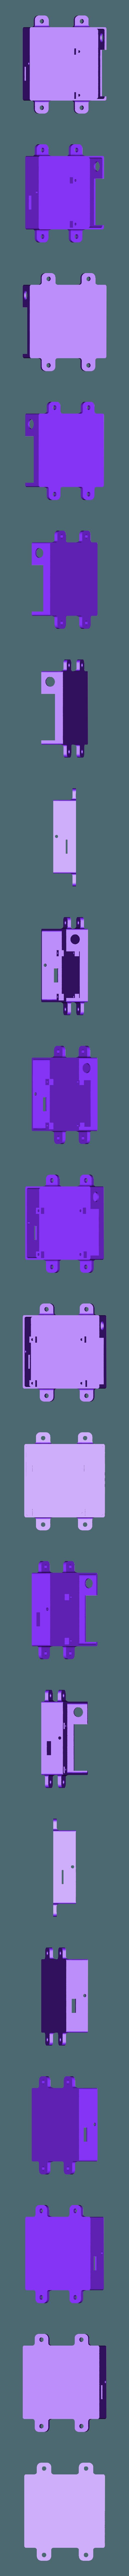 2-RPi3_Case_PowerFront_v1.stl Télécharger fichier STL gratuit Affaire Framboise Pi 3 pour montage mural • Design pour impression 3D, RT3DWorkshop